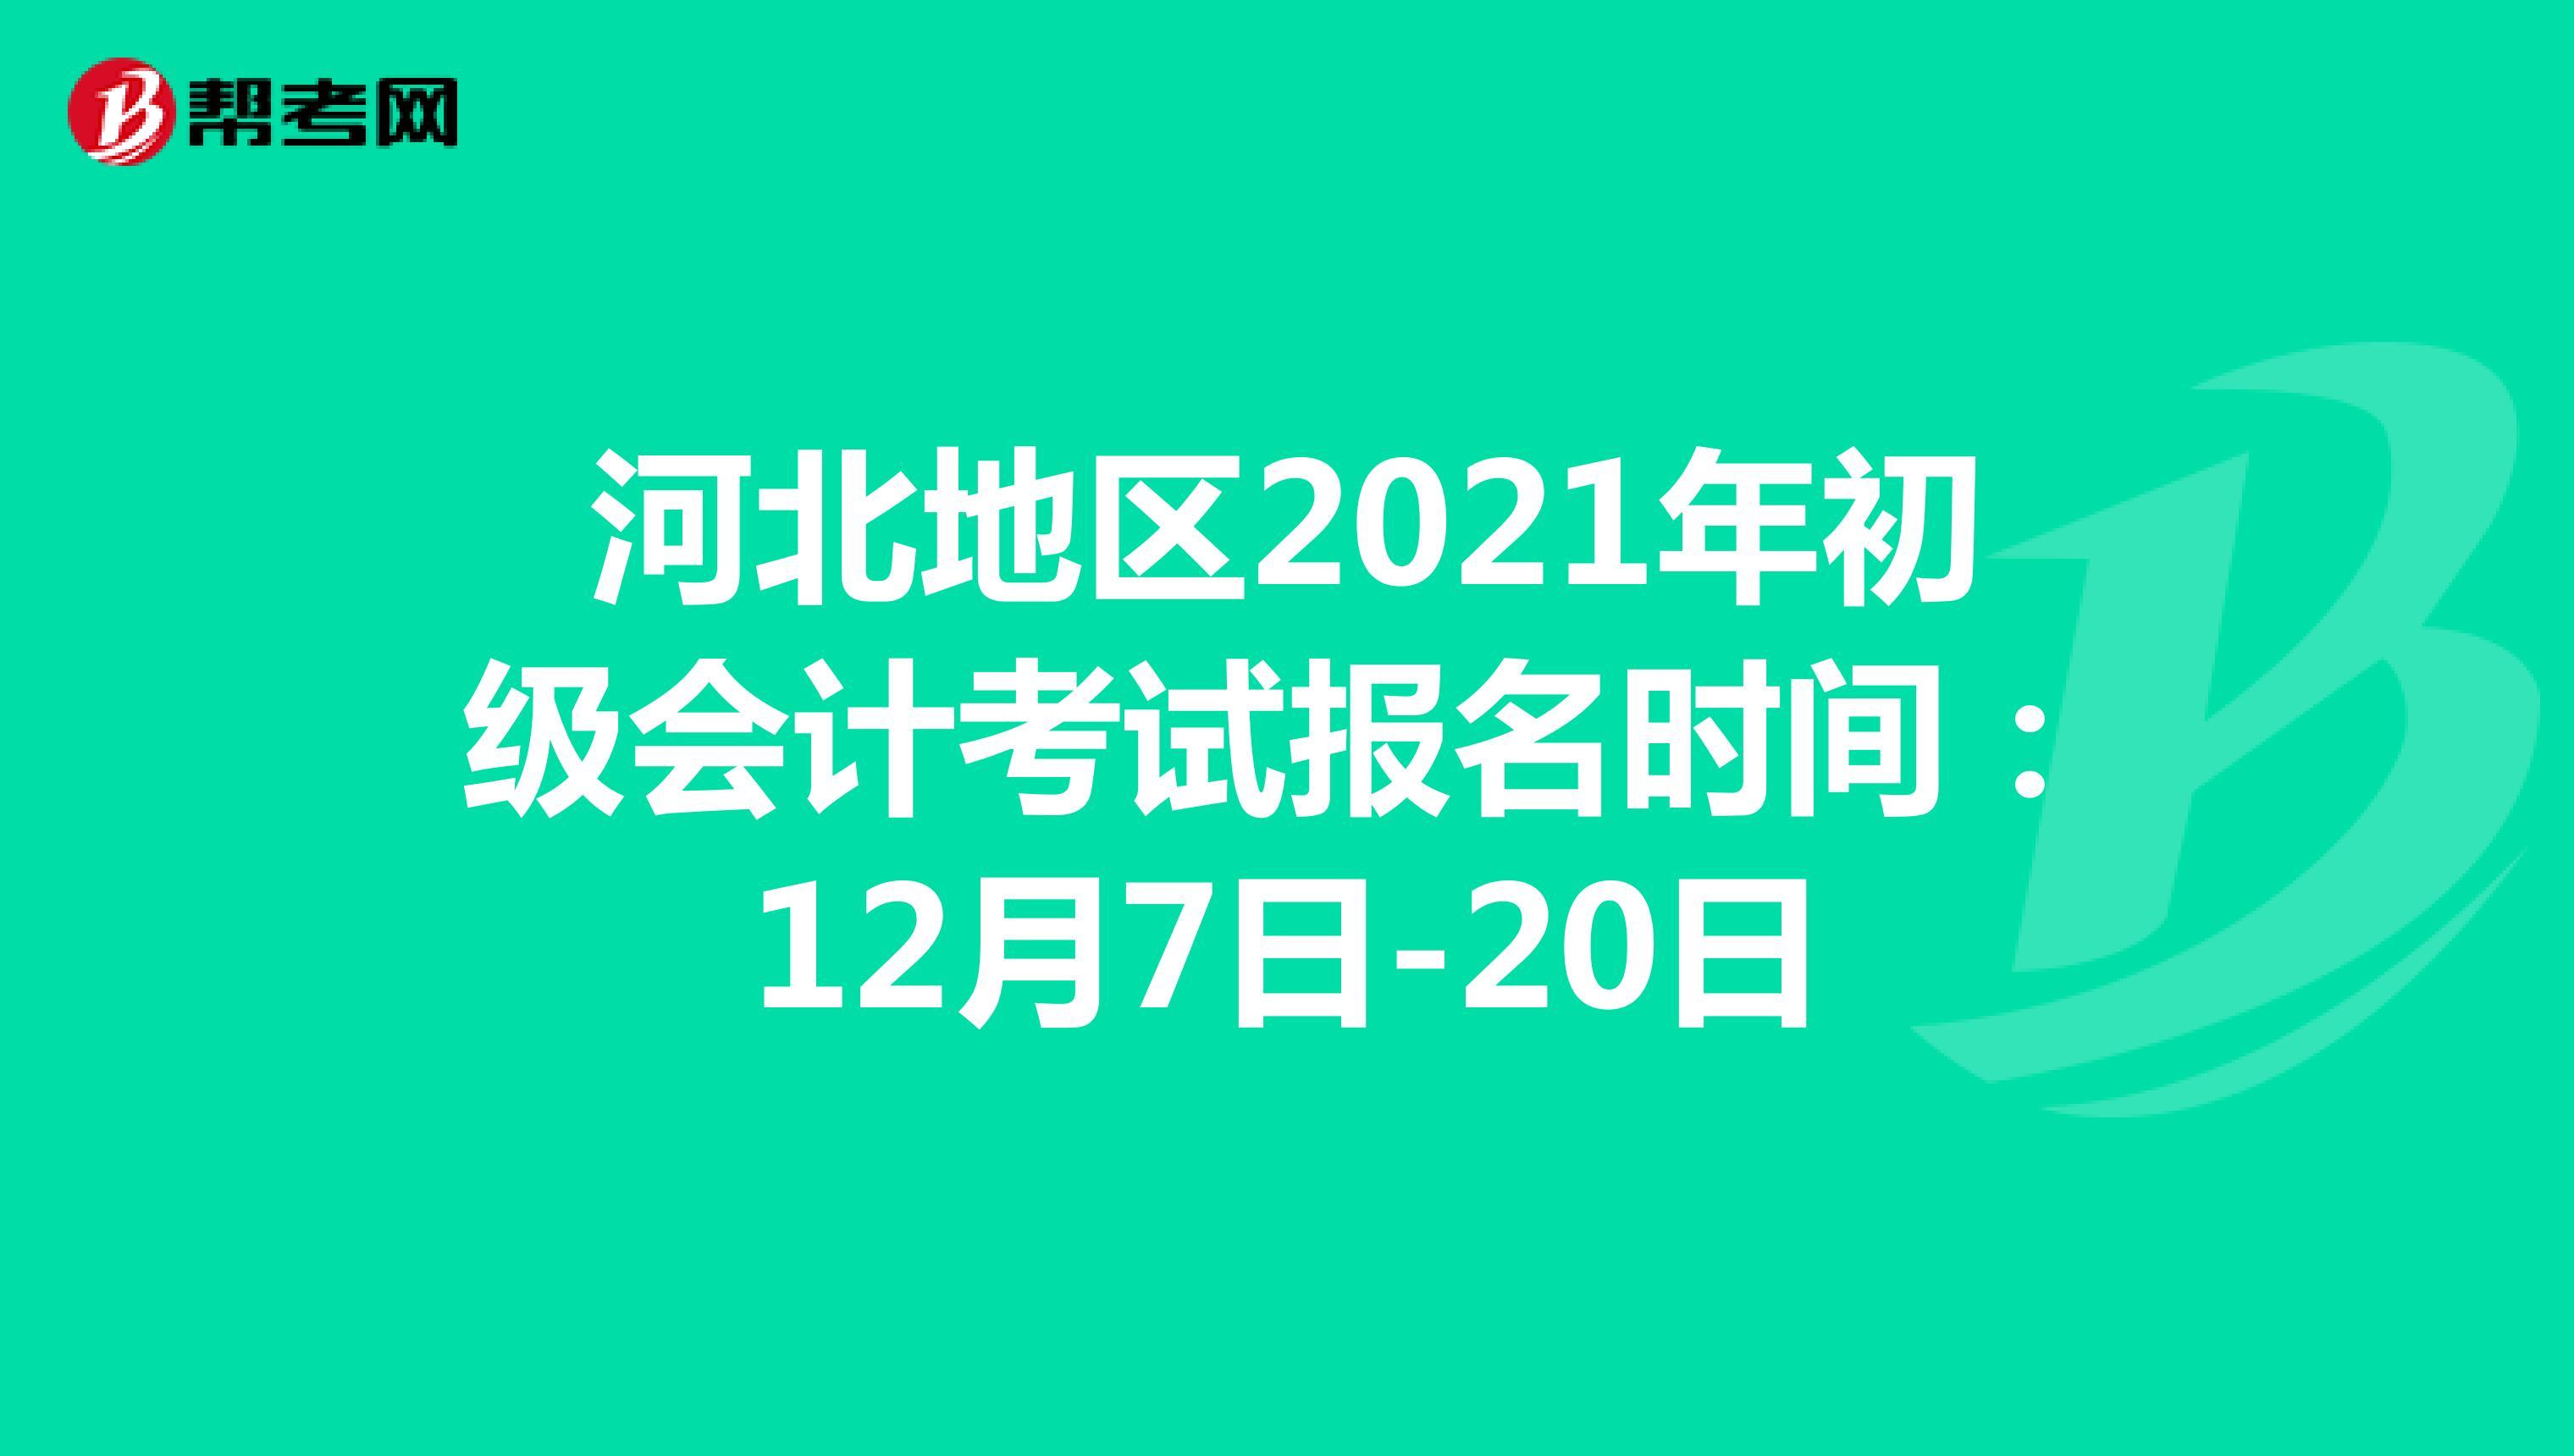 河北地区2021年初级会计考试报名时间:12月7日-20日